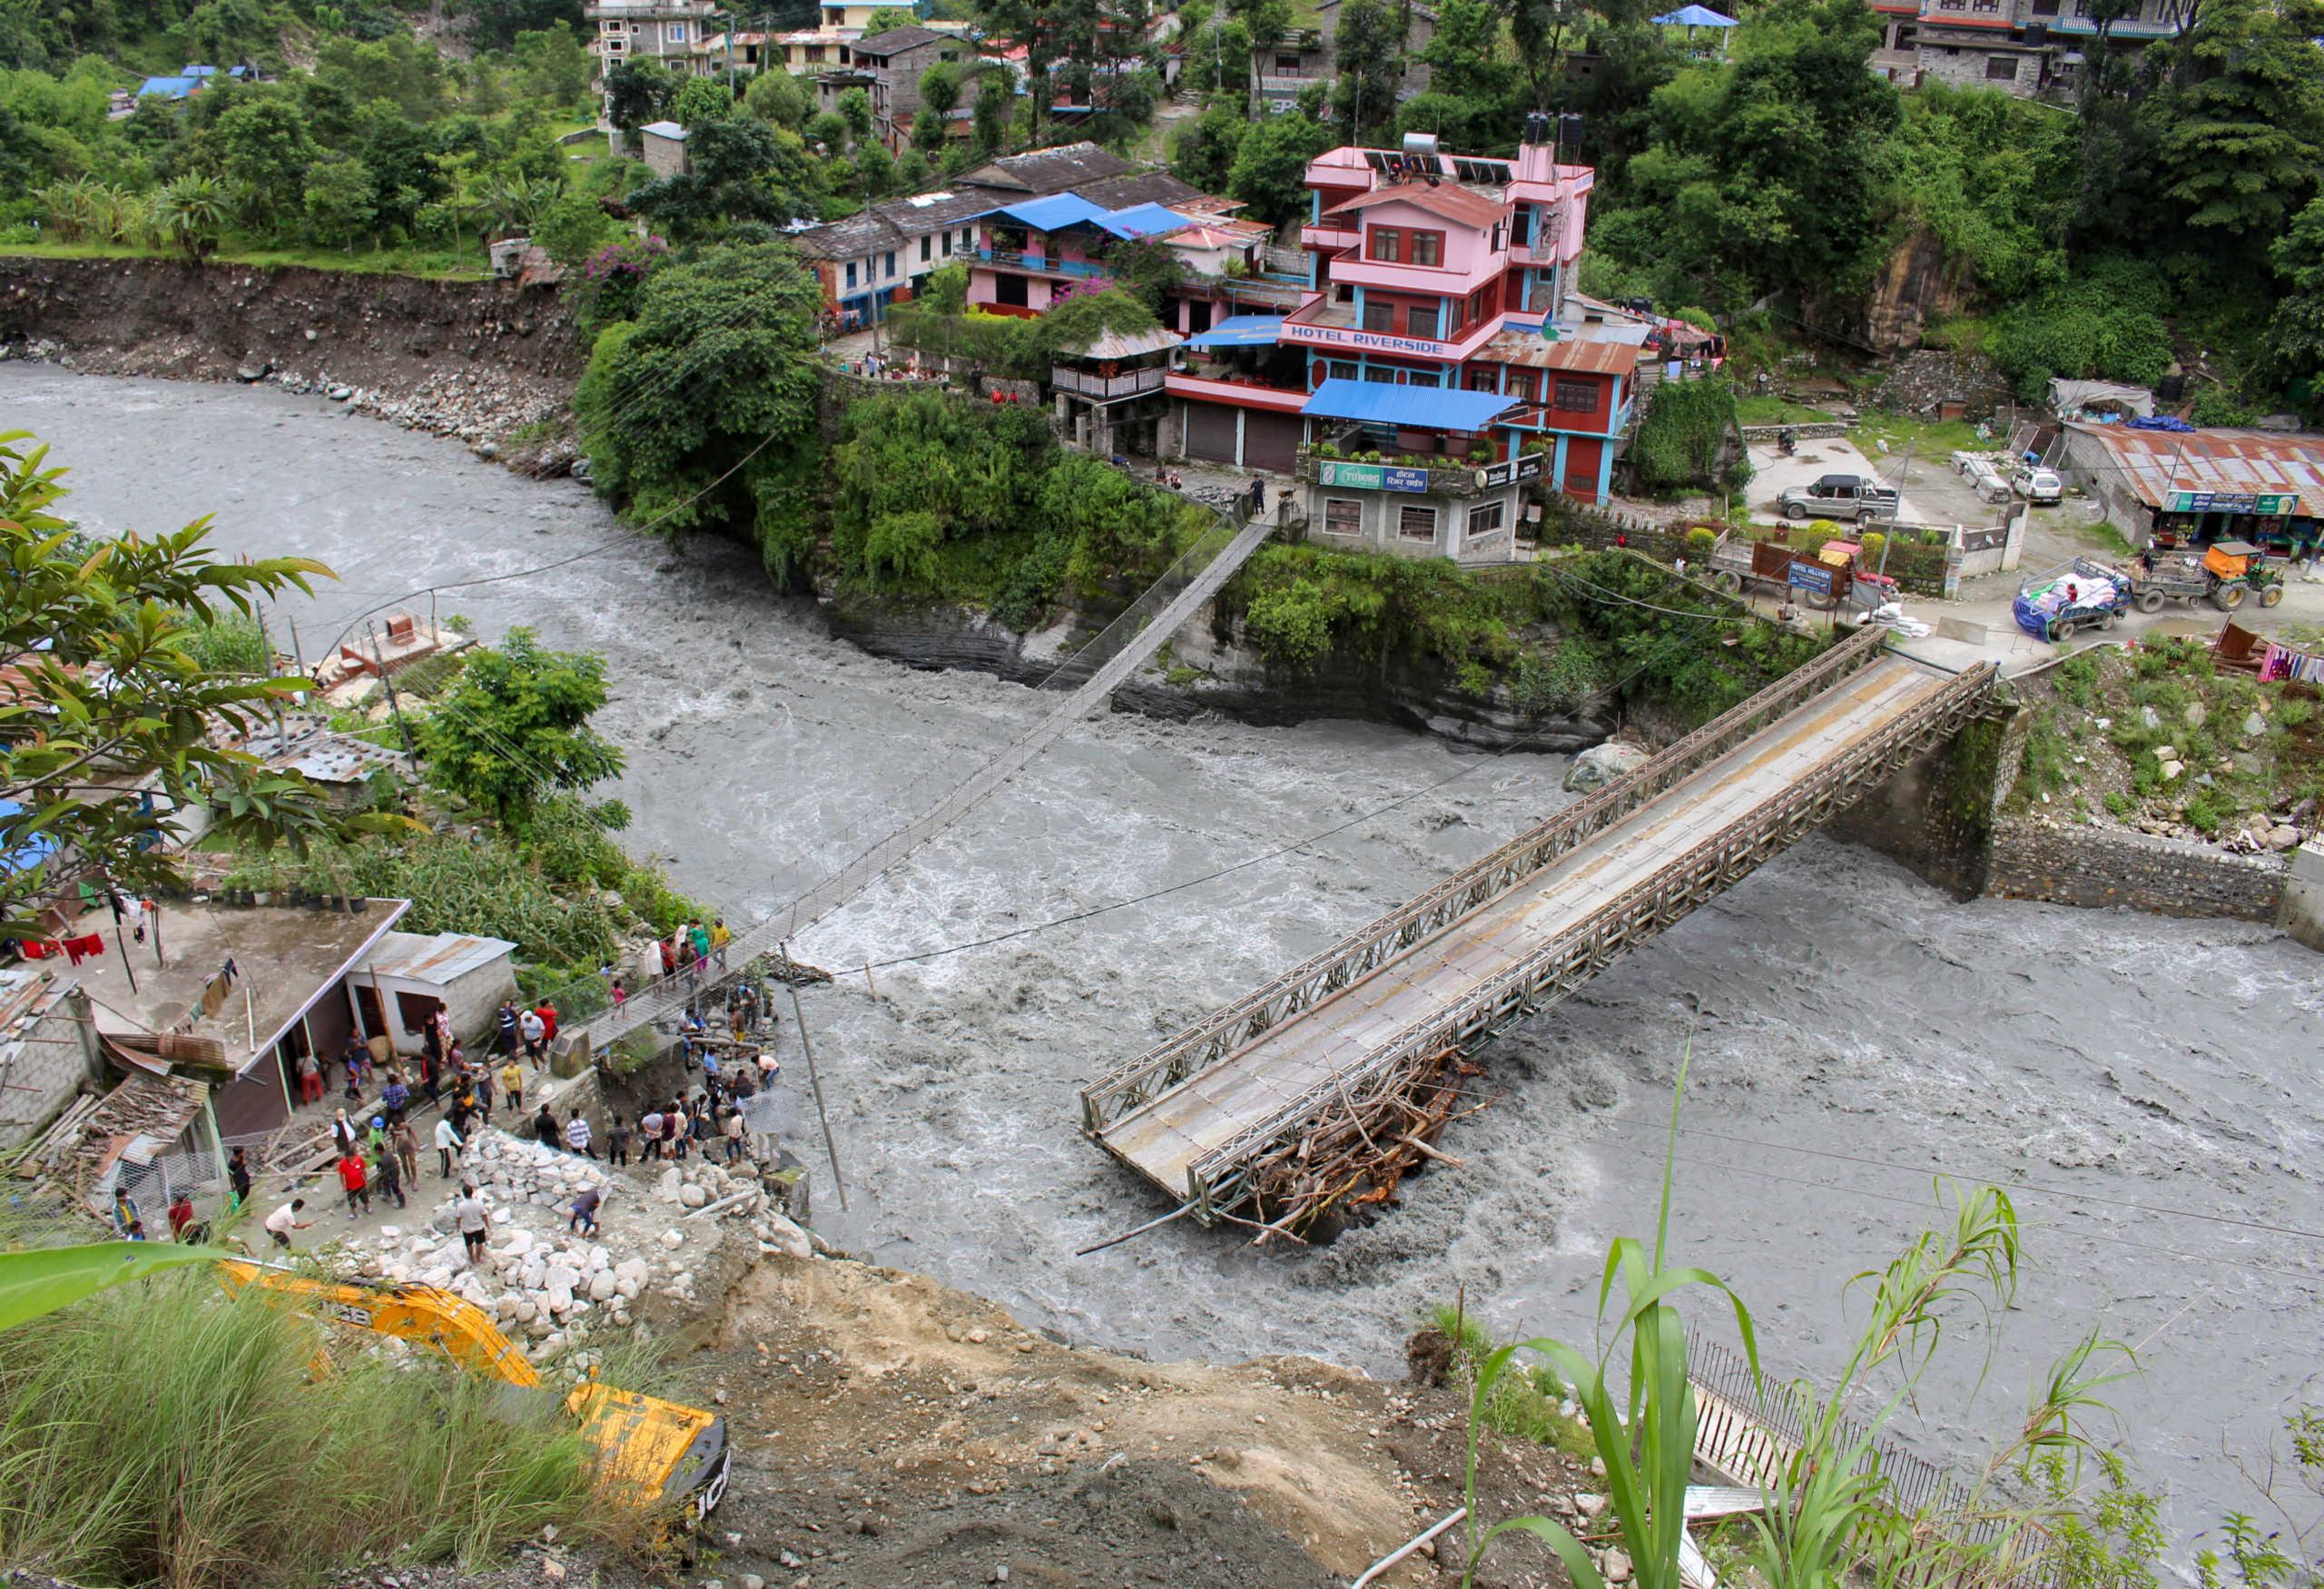 Νεπάλ: Τουλάχιστον 40 νεκροί από ισχυρές βροχοπτώσεις και πλημμύρες